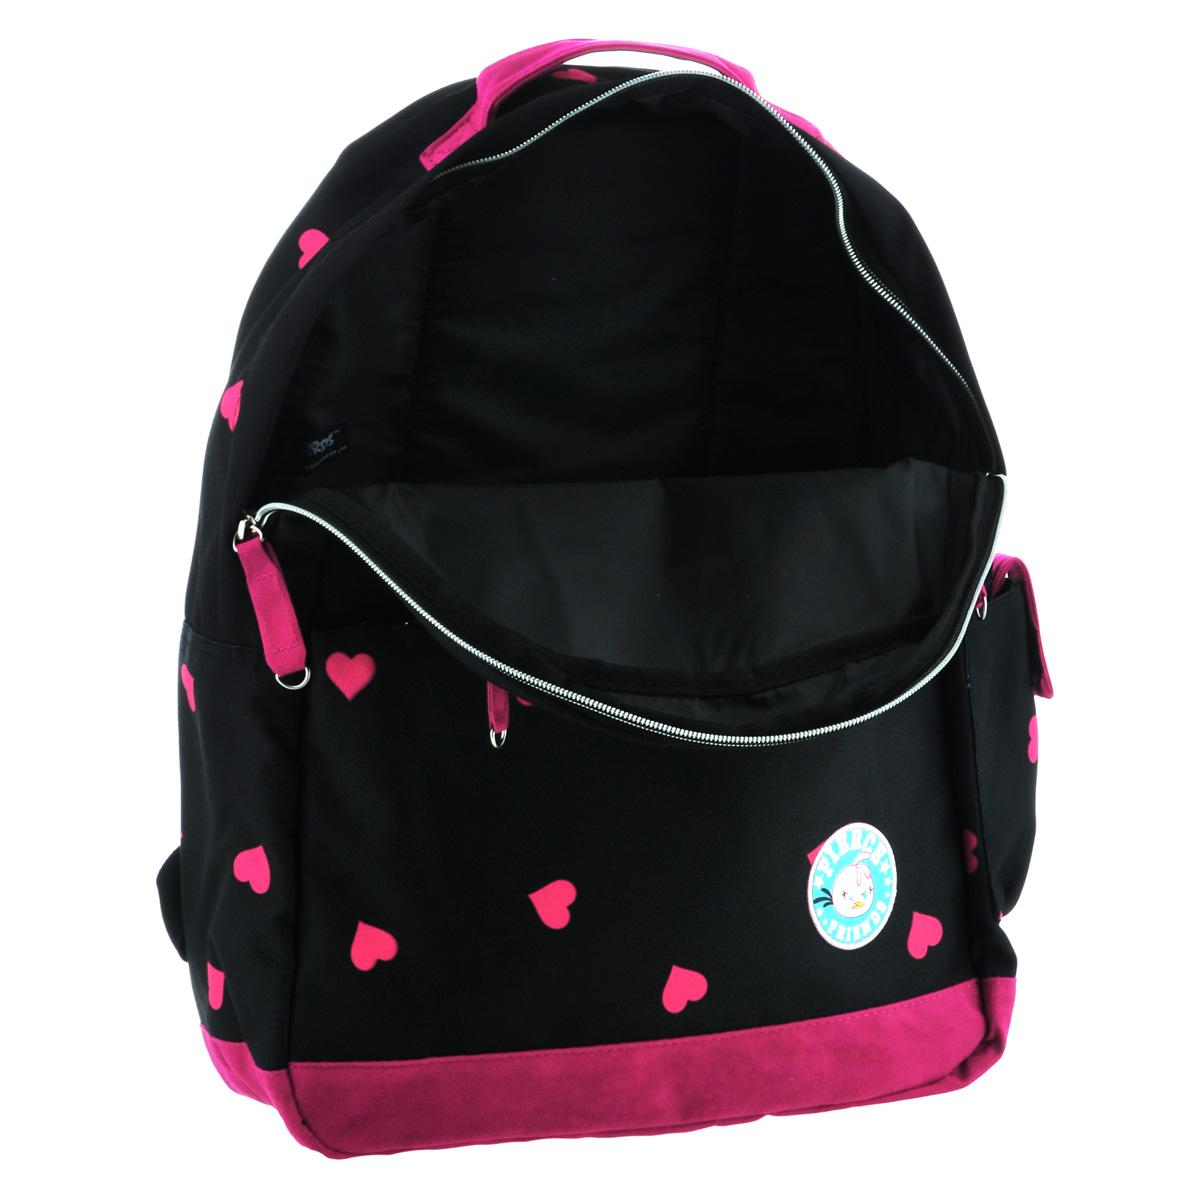 """Рюкзак молодежный Angry Birds """"Stella"""", цвет: черный, темно-розовый. NRk_00632 ( NRk_00632 )"""